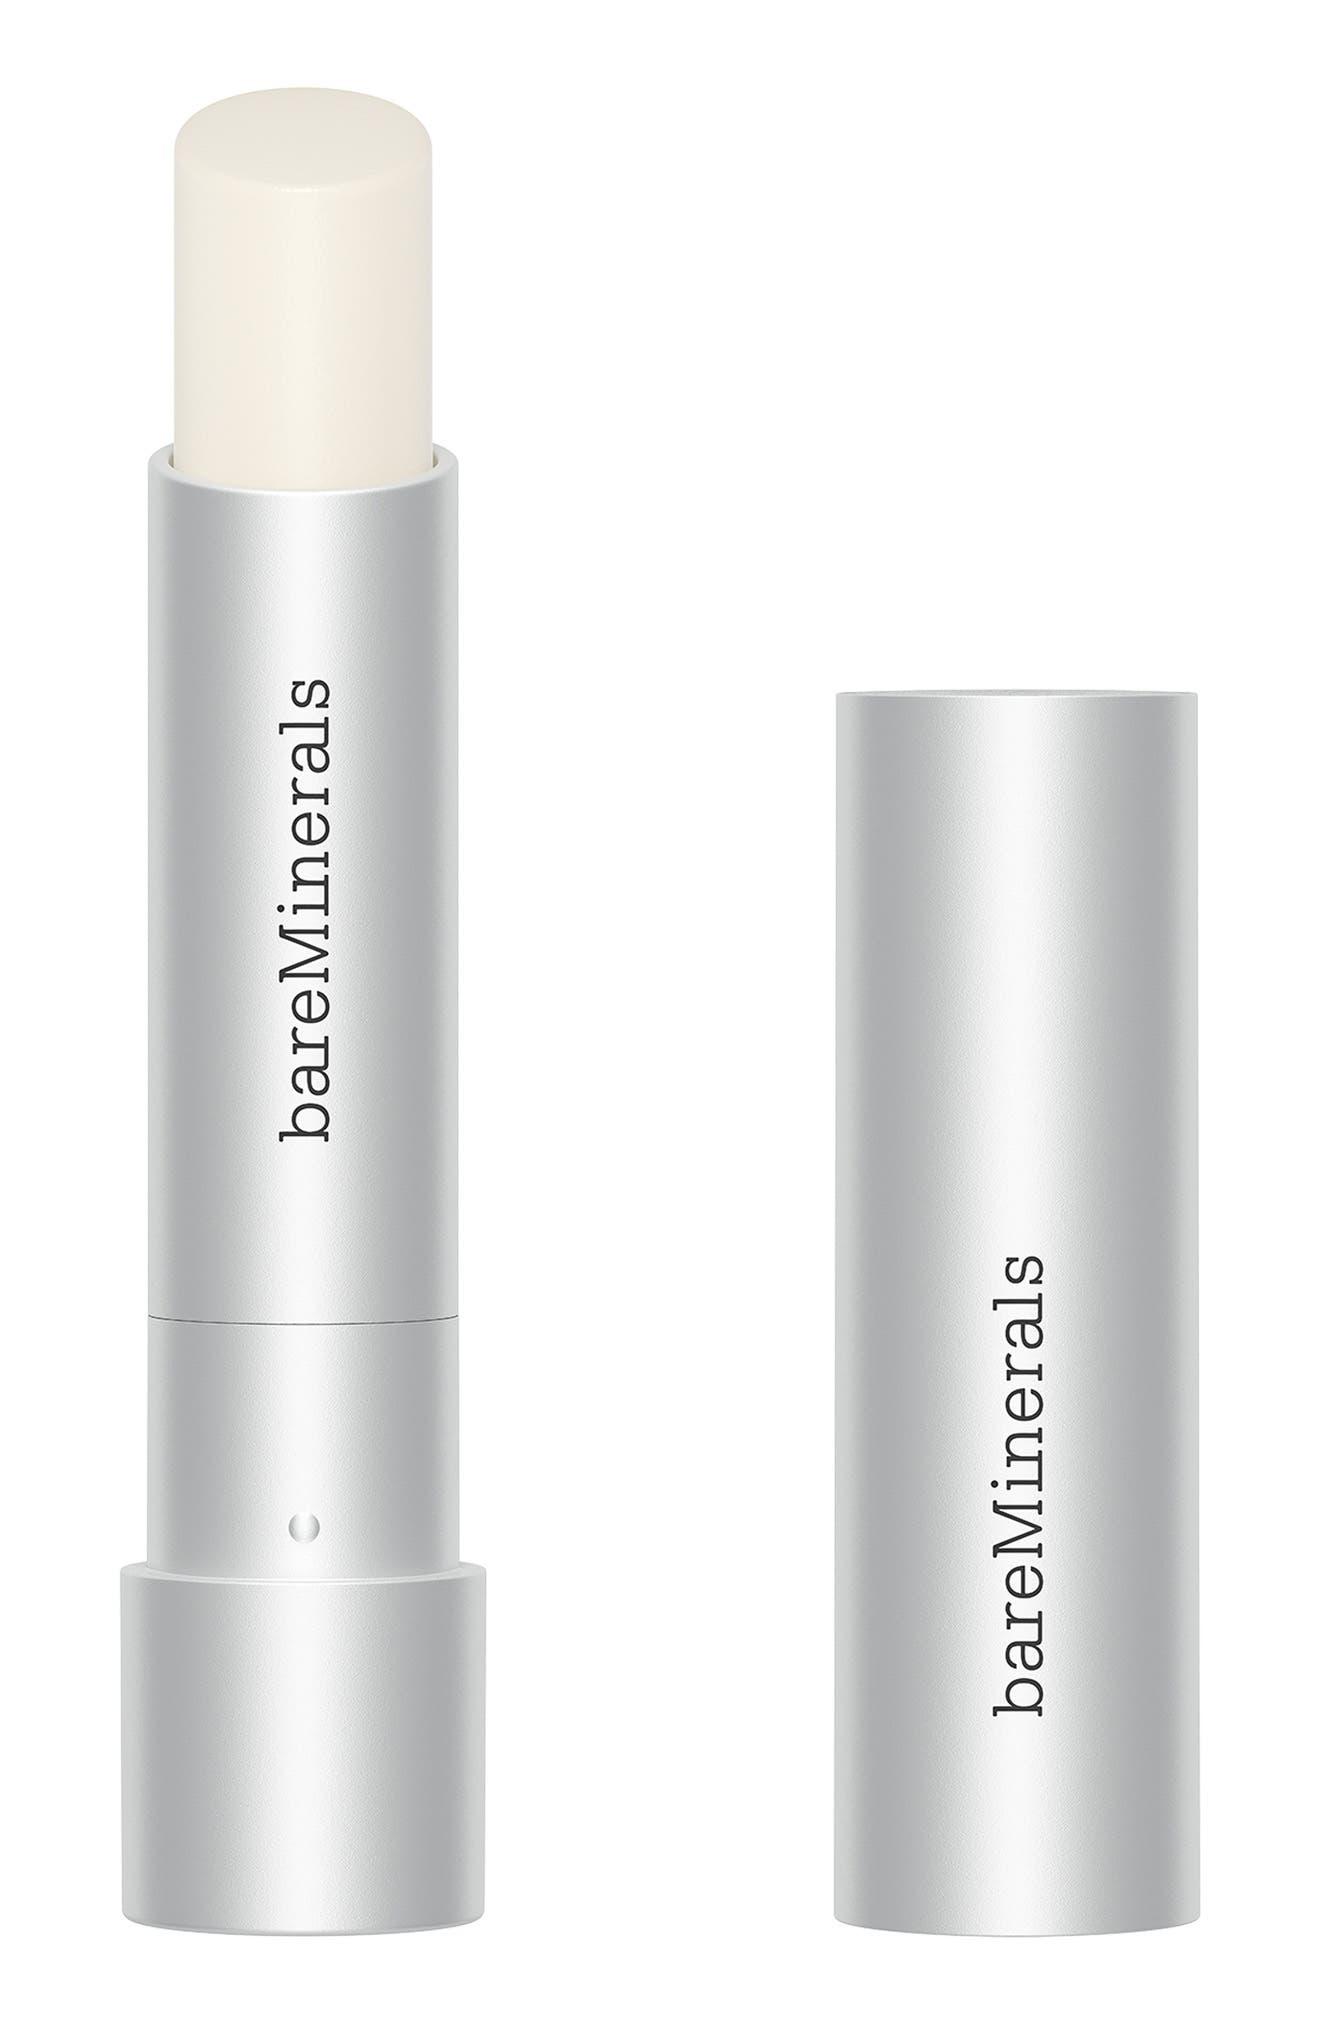 Bareminerals Ageless Phyto-Retinol Lip Balm